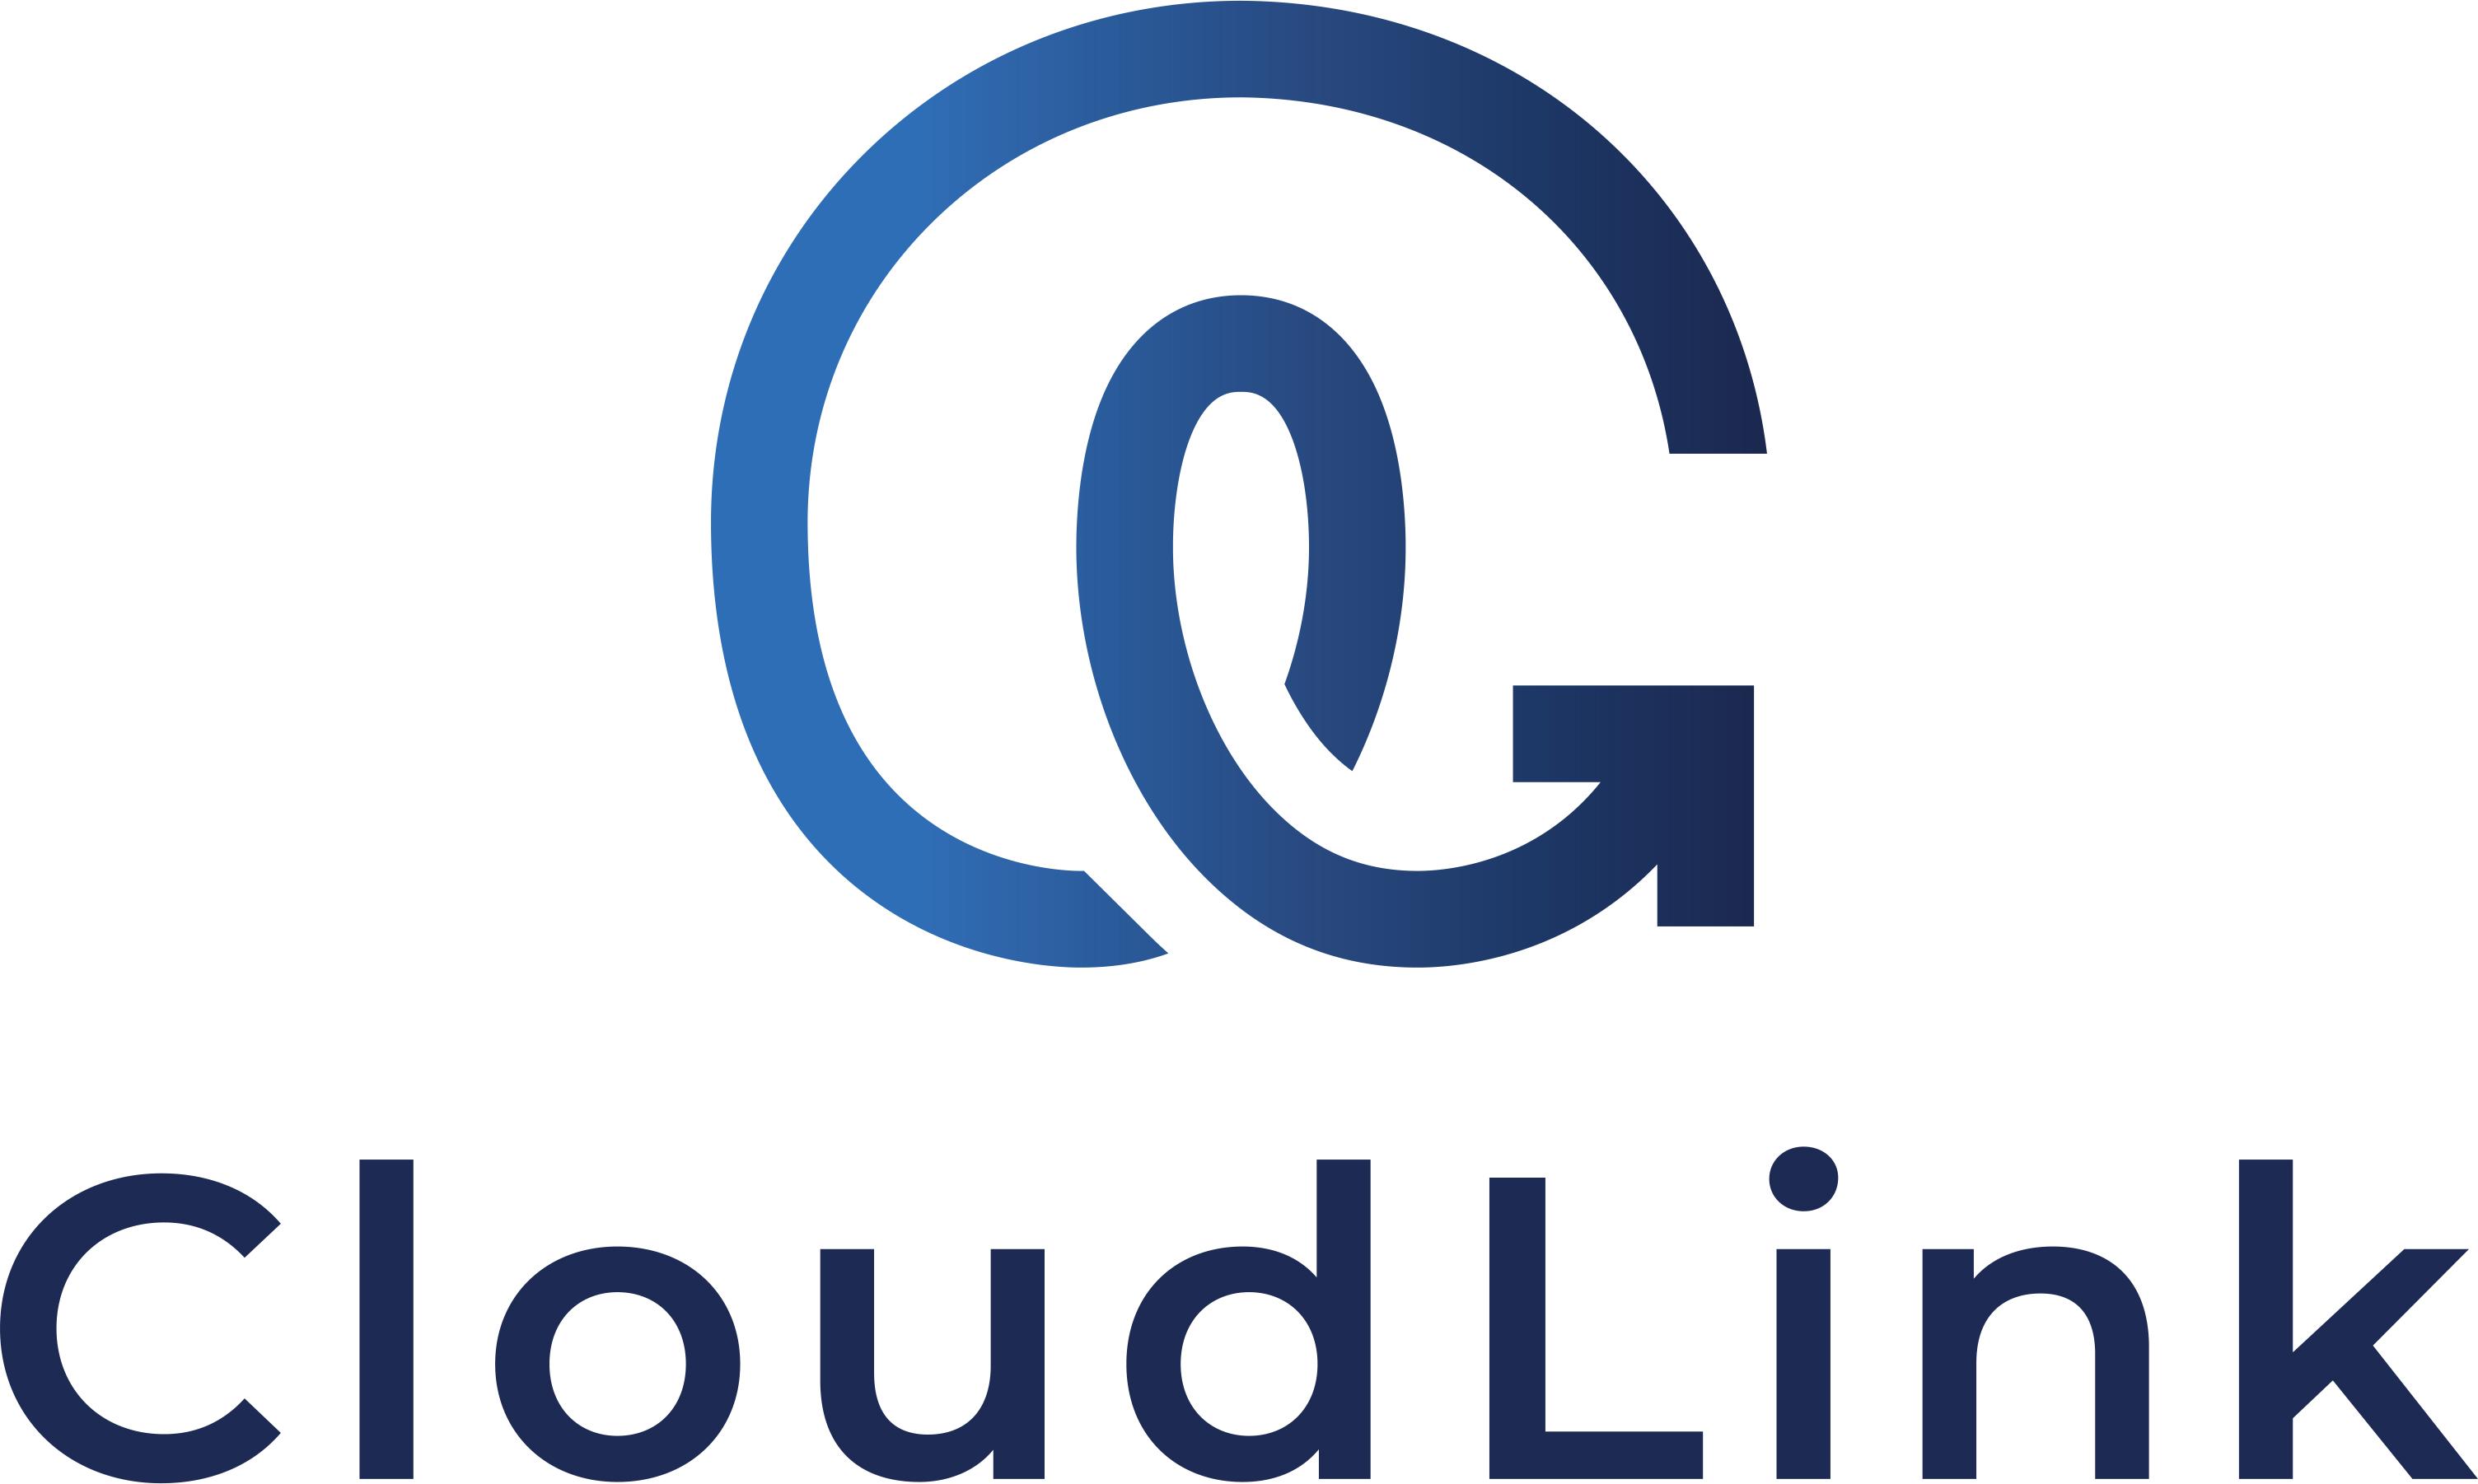 株式会社CloudLink、コーポレートロゴリニューアルのお知らせ